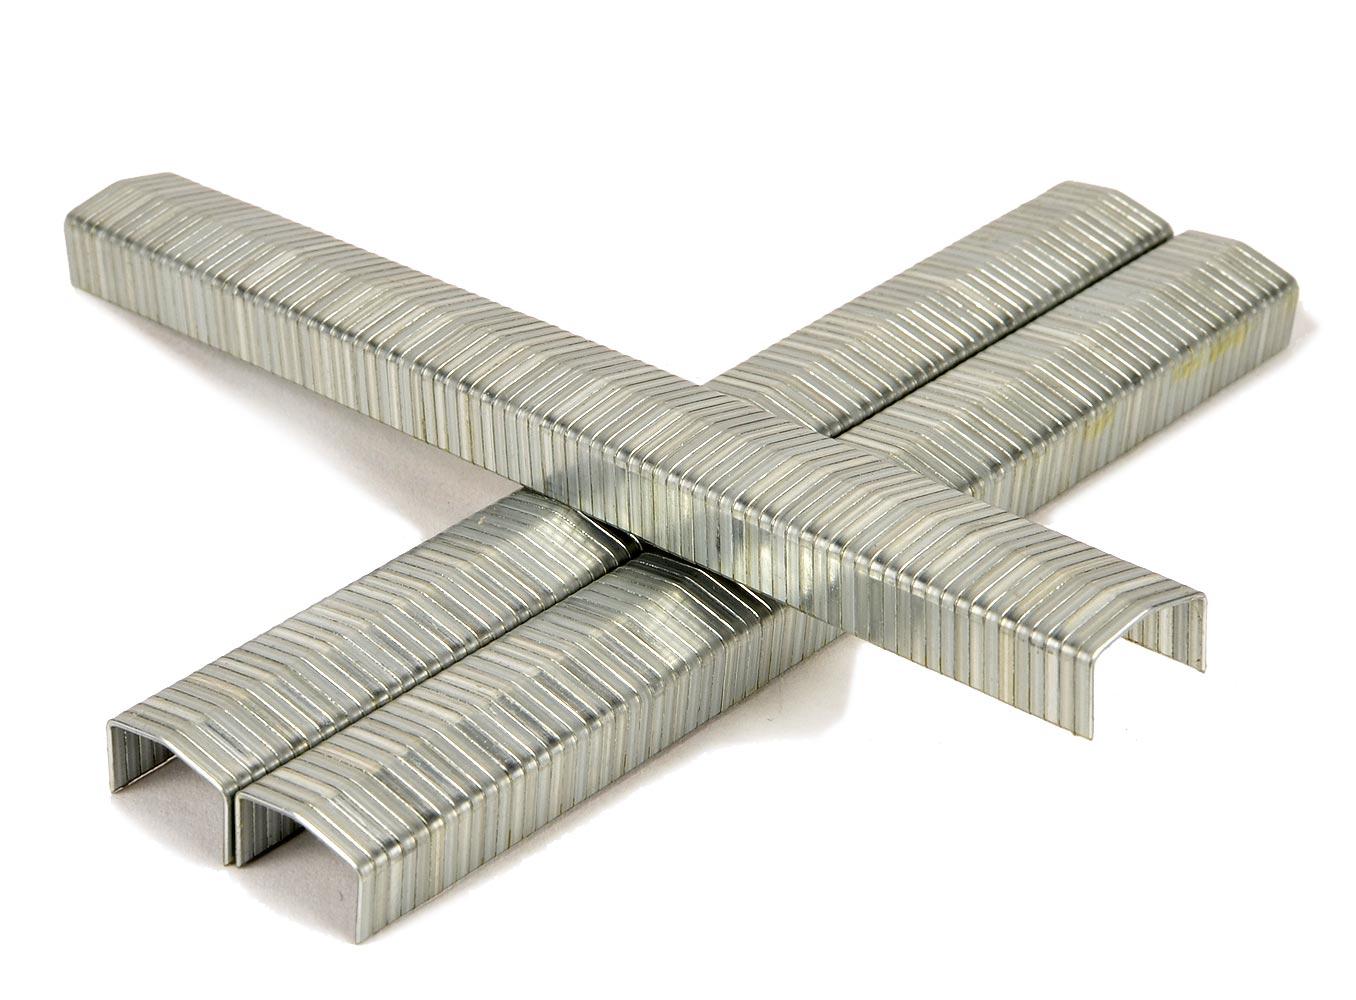 stapler supplies